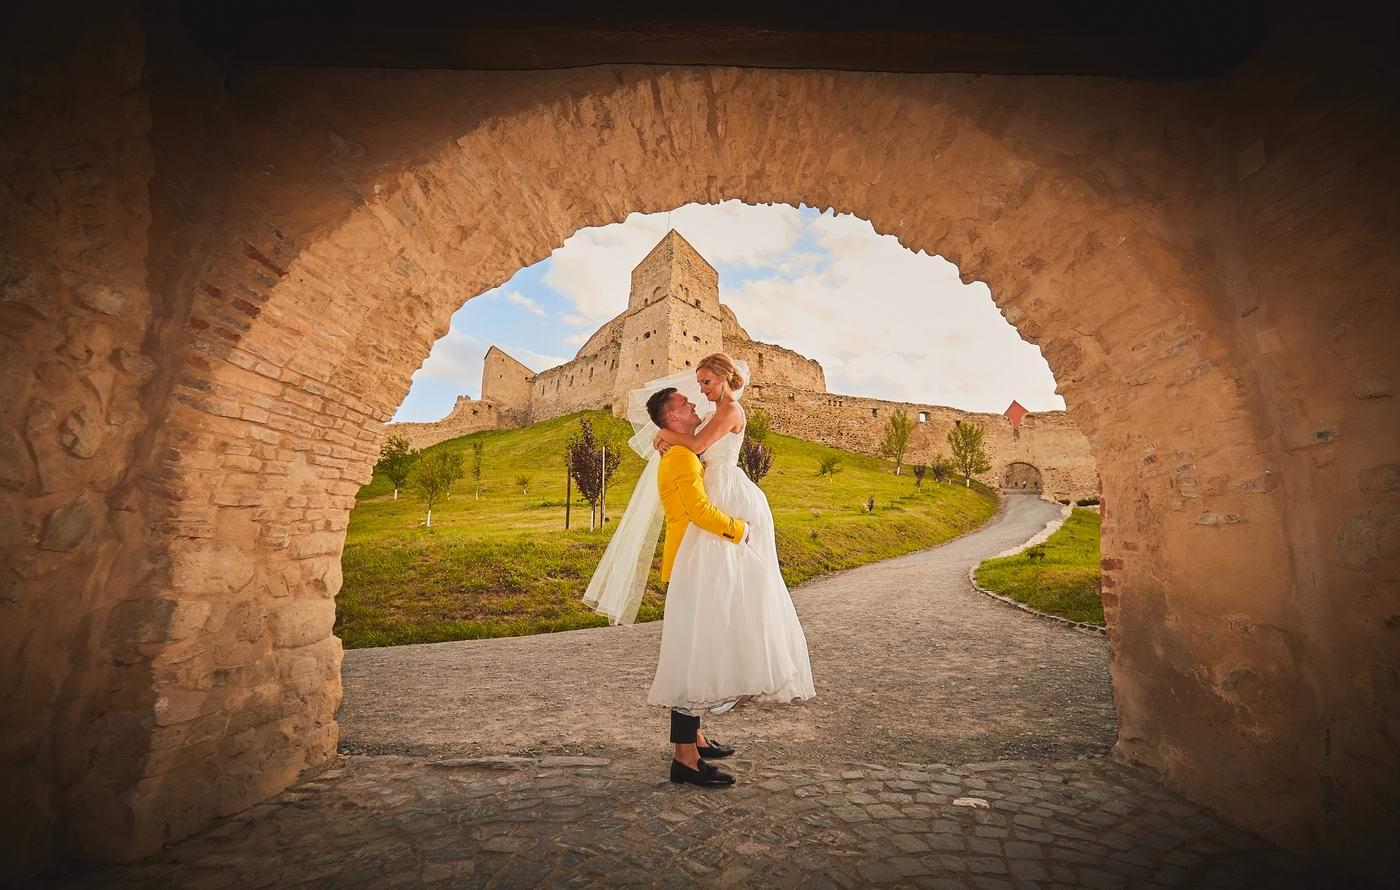 Fotografii Cu Mirii La Cetatea Rupea (30)